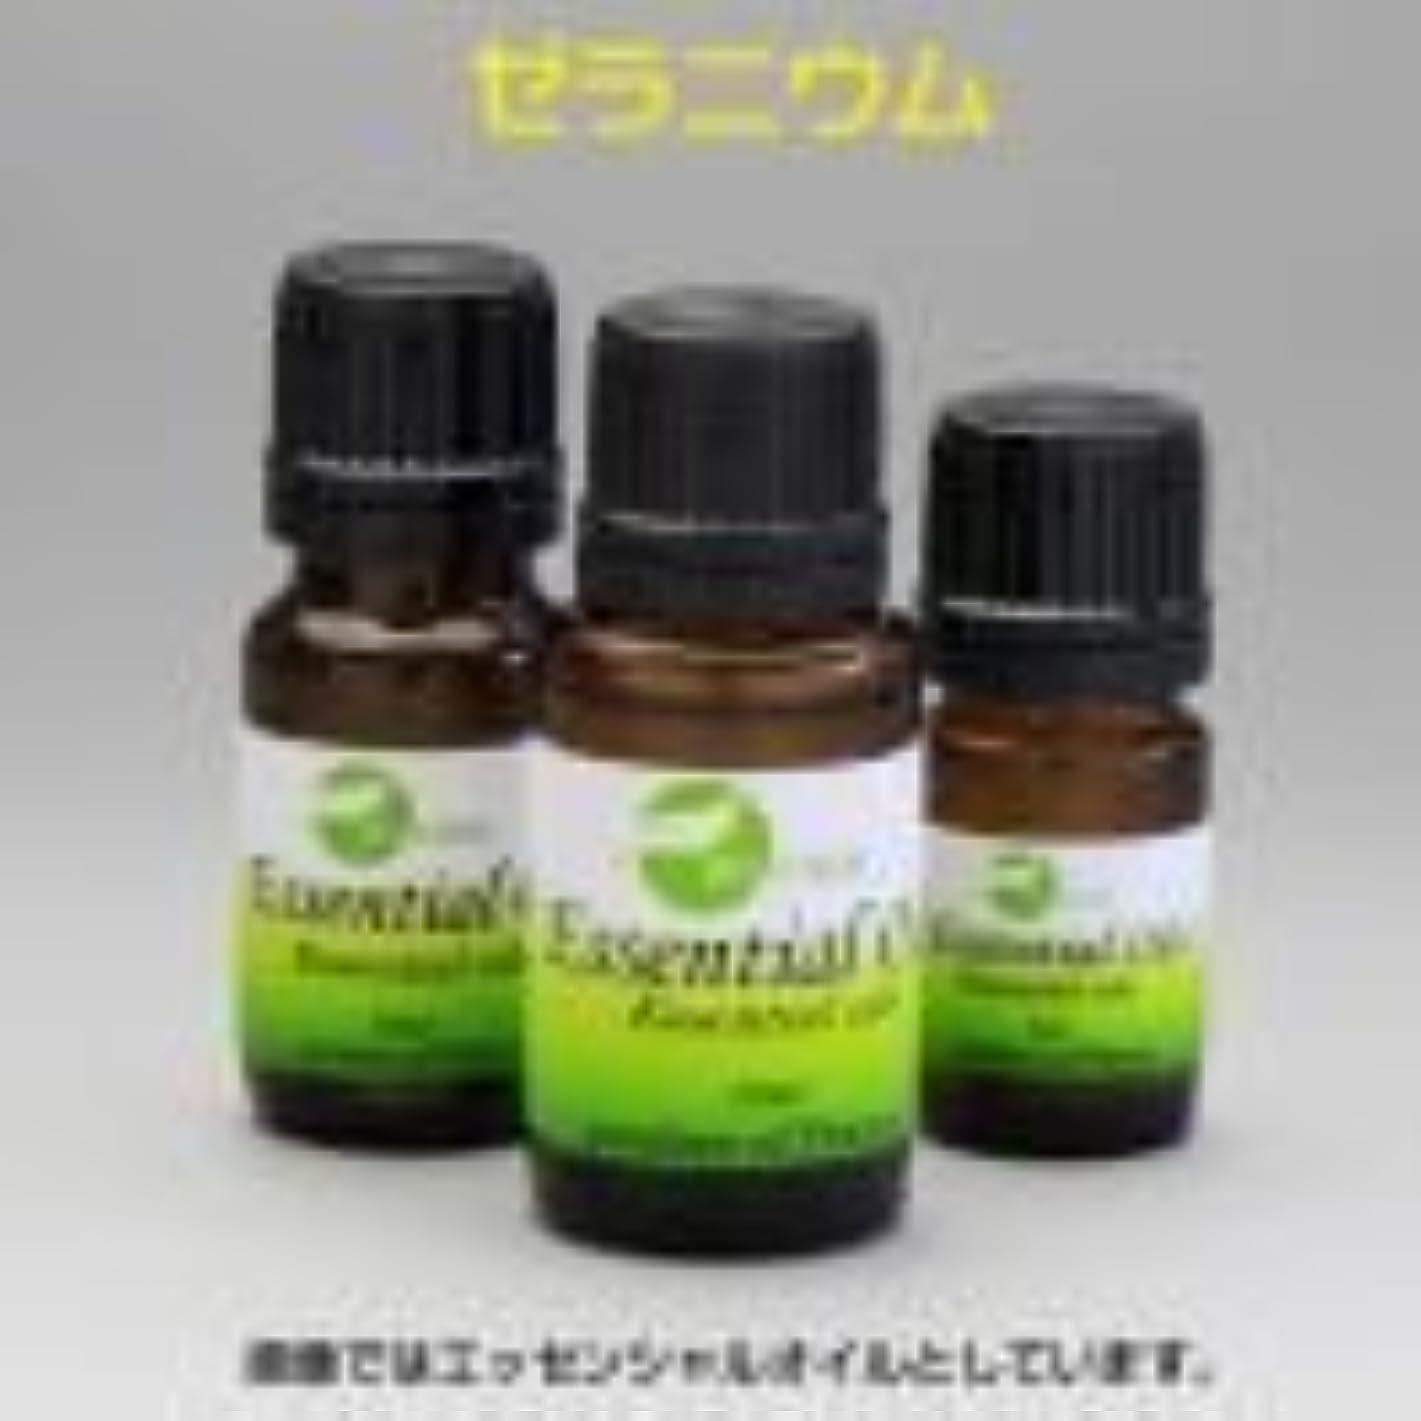 痛みガチョウぐるぐる[エッセンシャルオイル] フローラルな芳香の中にミントの香り ゼラニウム 15ml